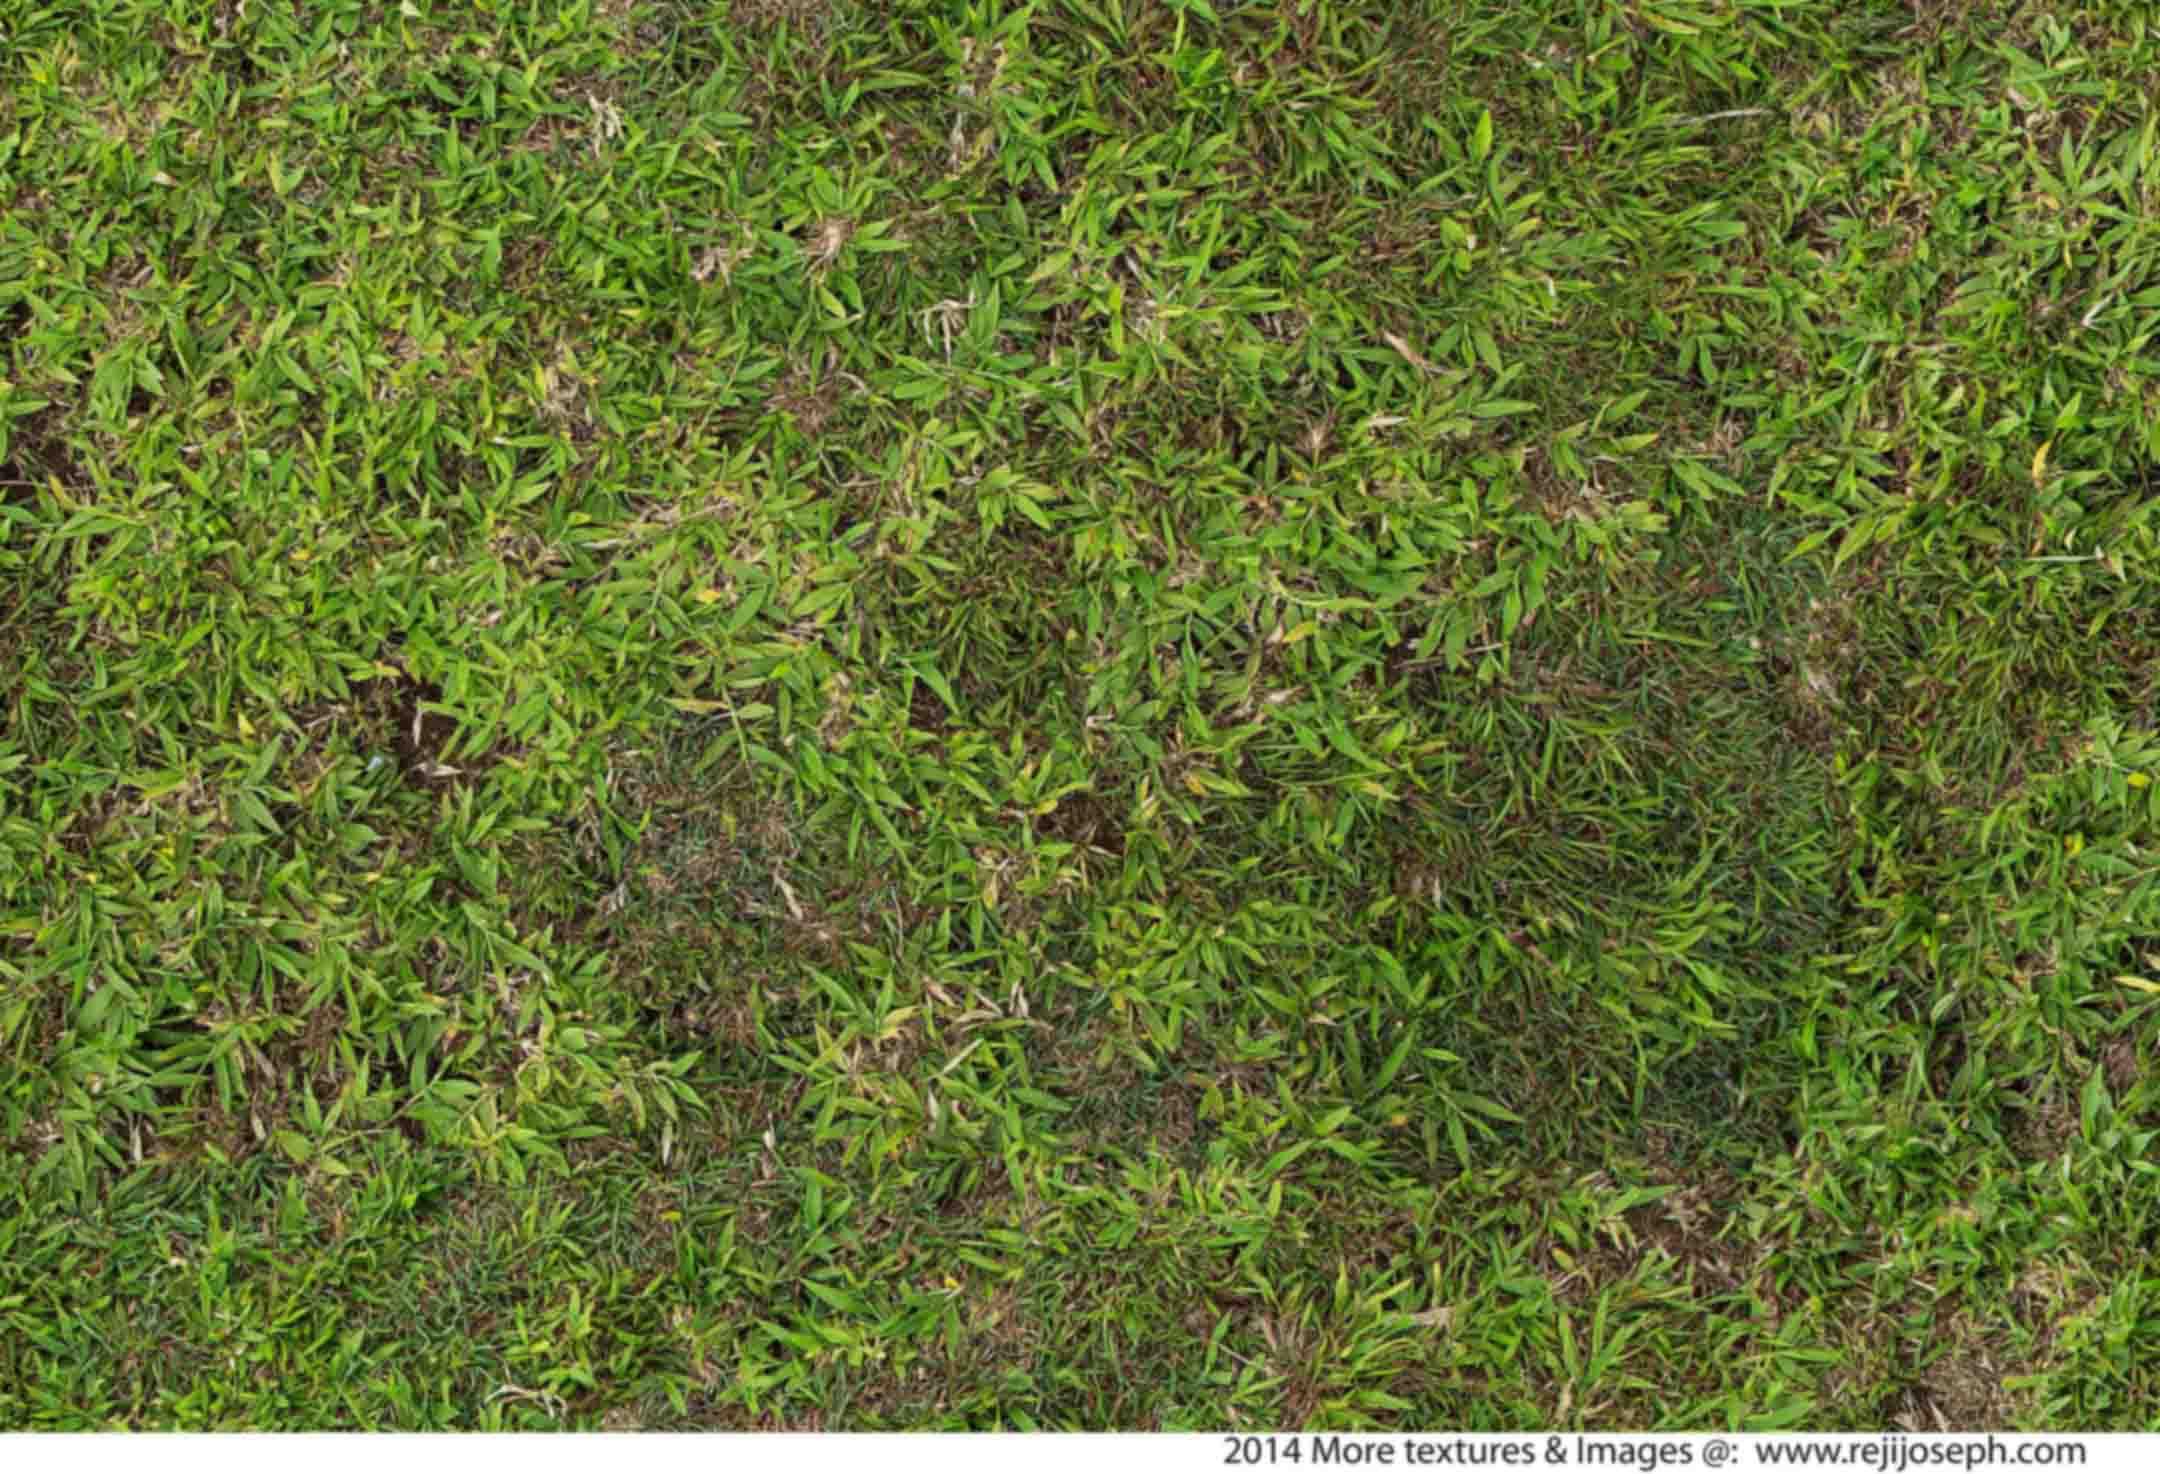 Grass texture 00002